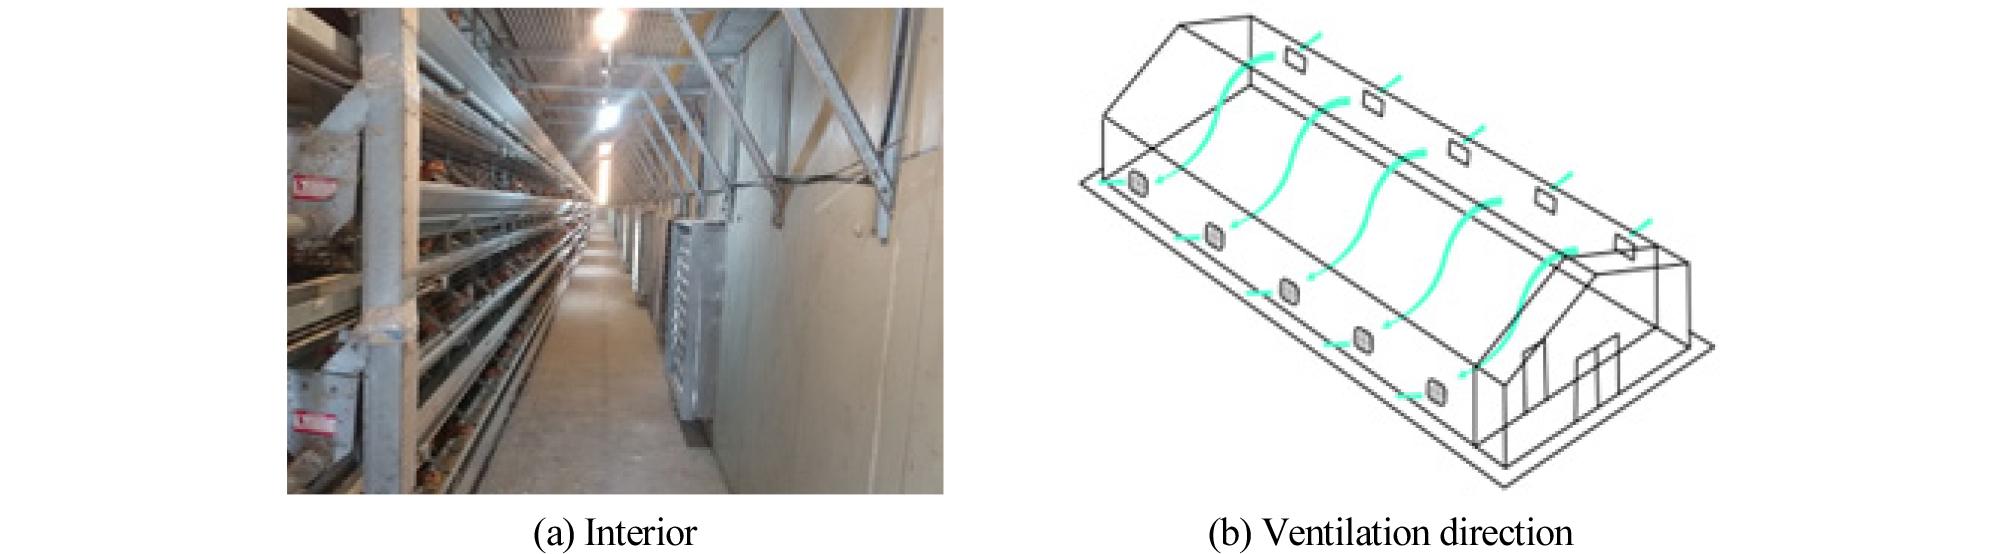 http://static.apub.kr/journalsite/sites/kiaebs/2020-014-02/N0280140206/images/Figure_KIAEBS_14_2_06_F1.jpg